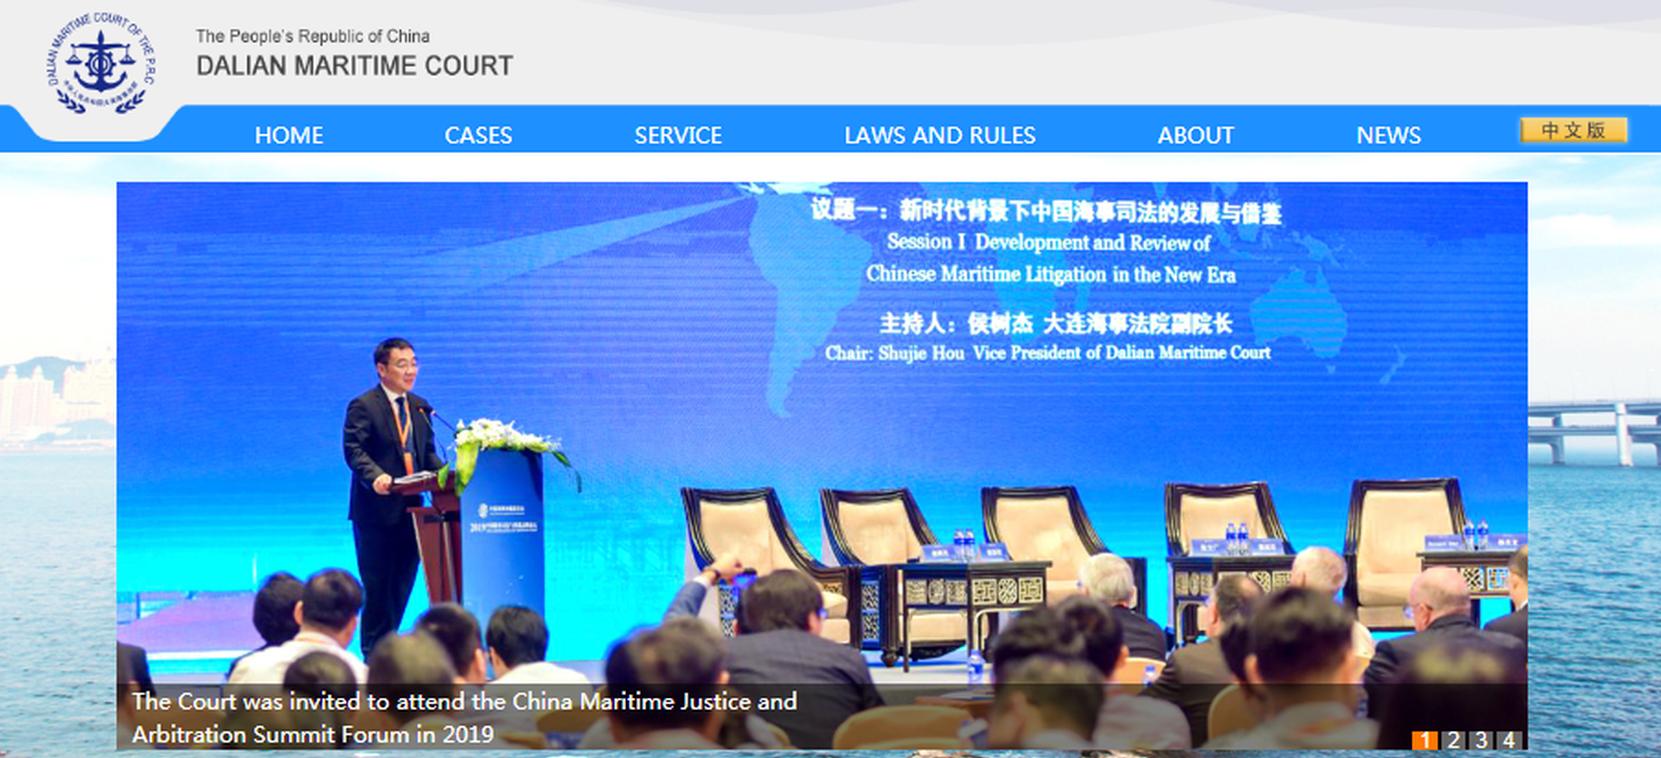 大连海事法院中英双语网站正式上线